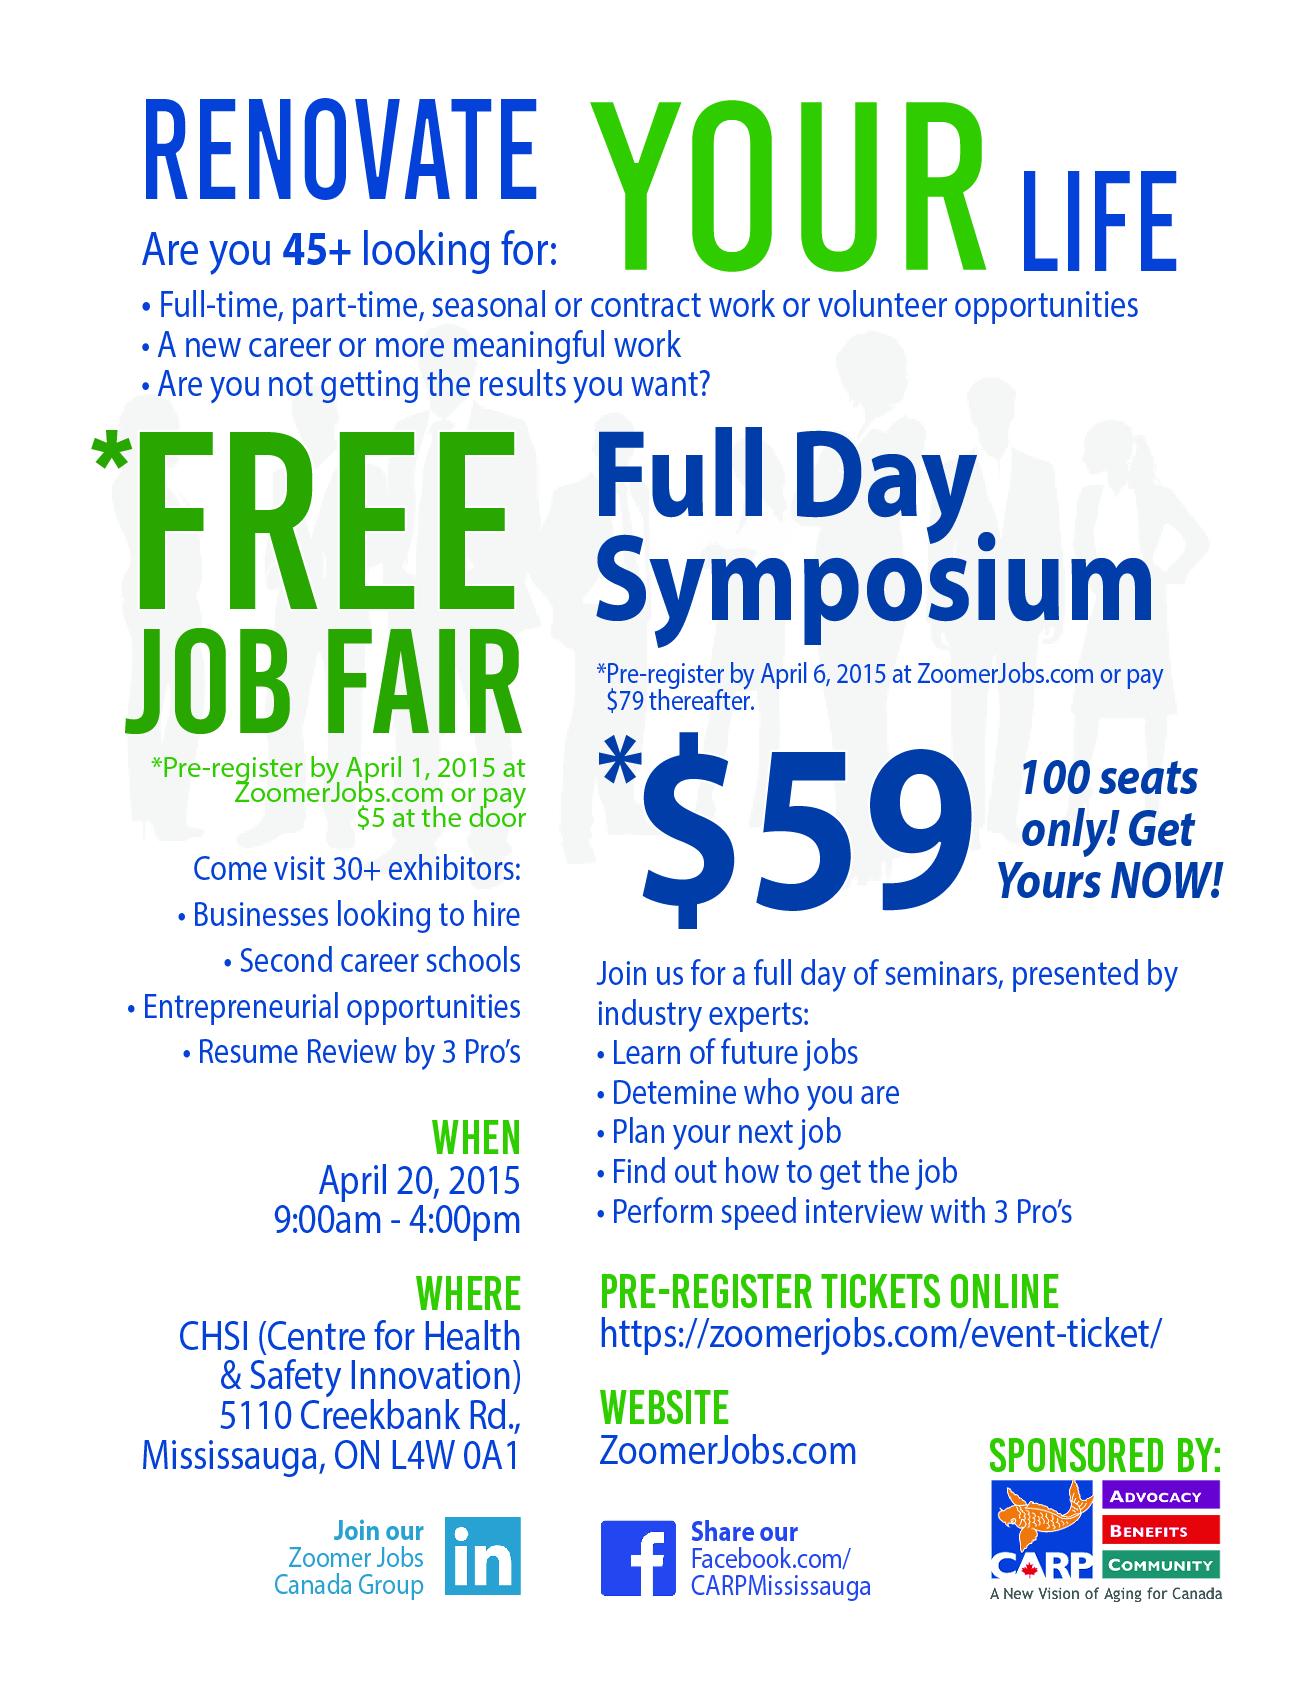 Renovate your life CARP Job Fair